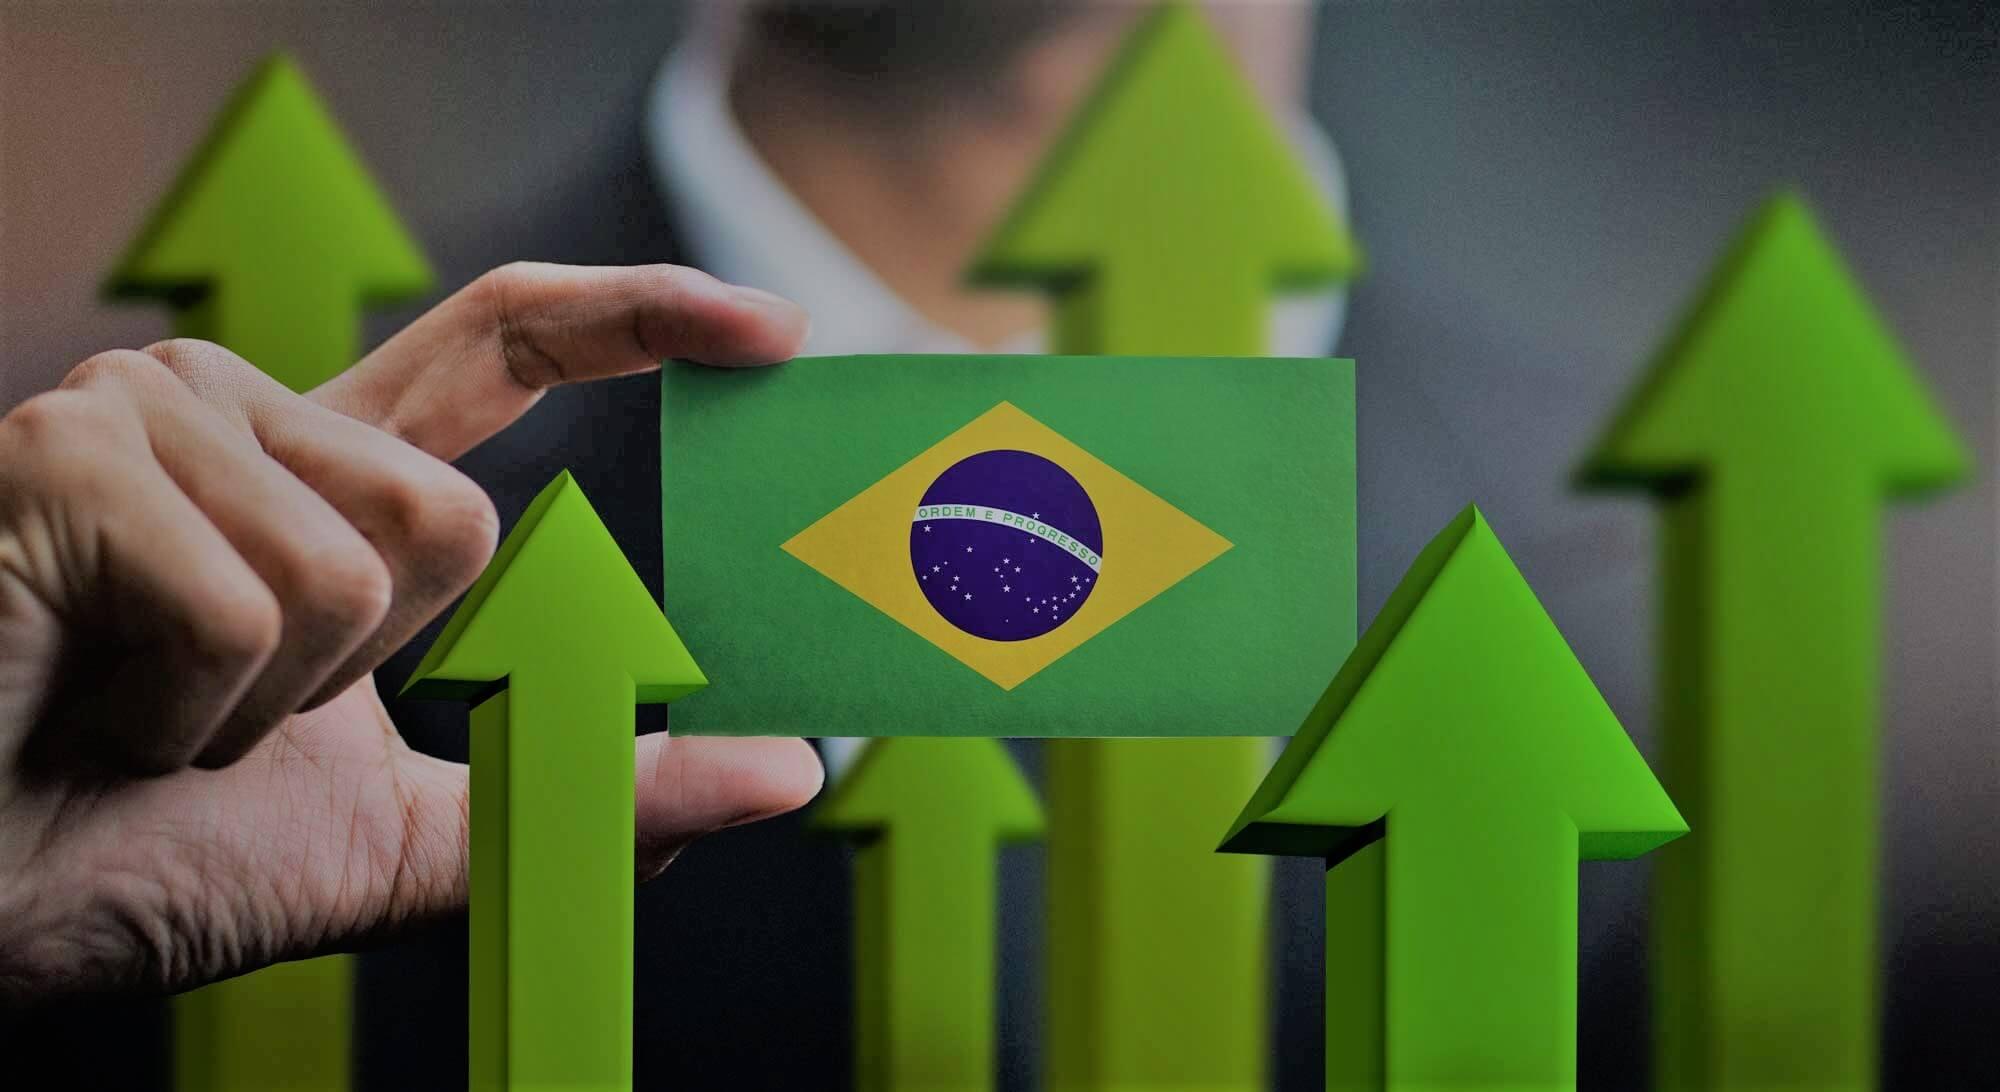 crescimento semana do brasil ofertas